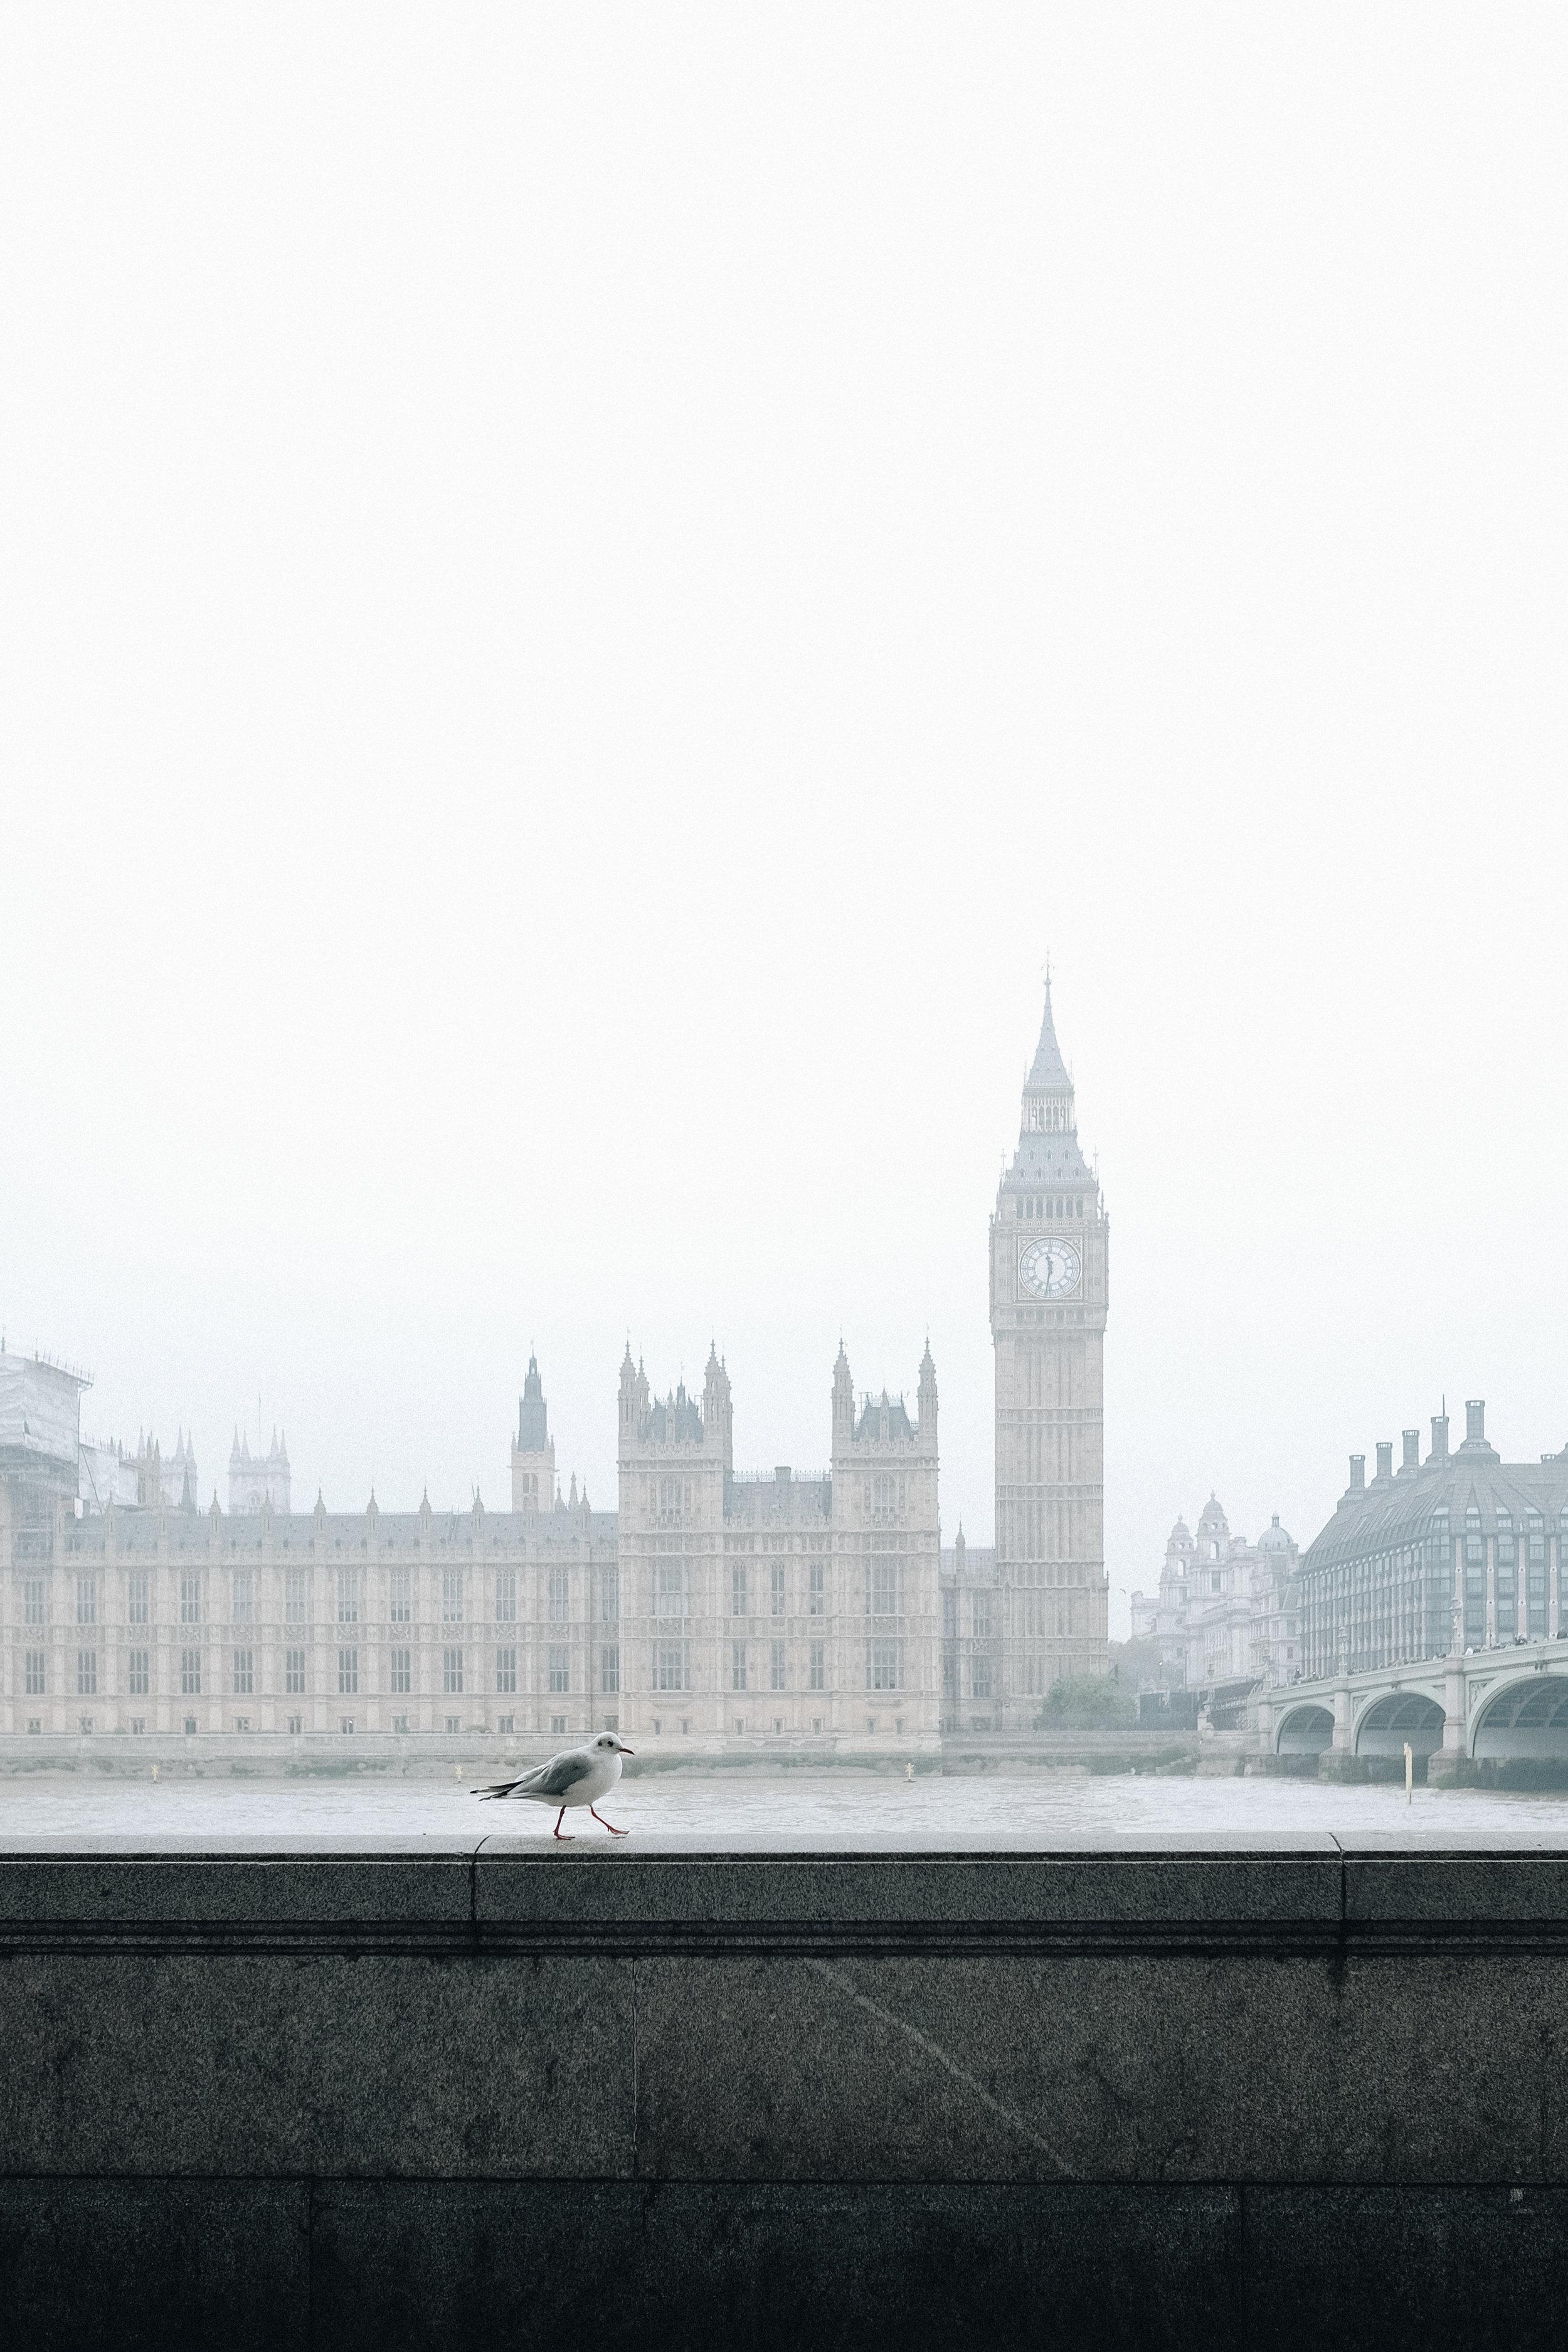 LondonFog-50.jpg